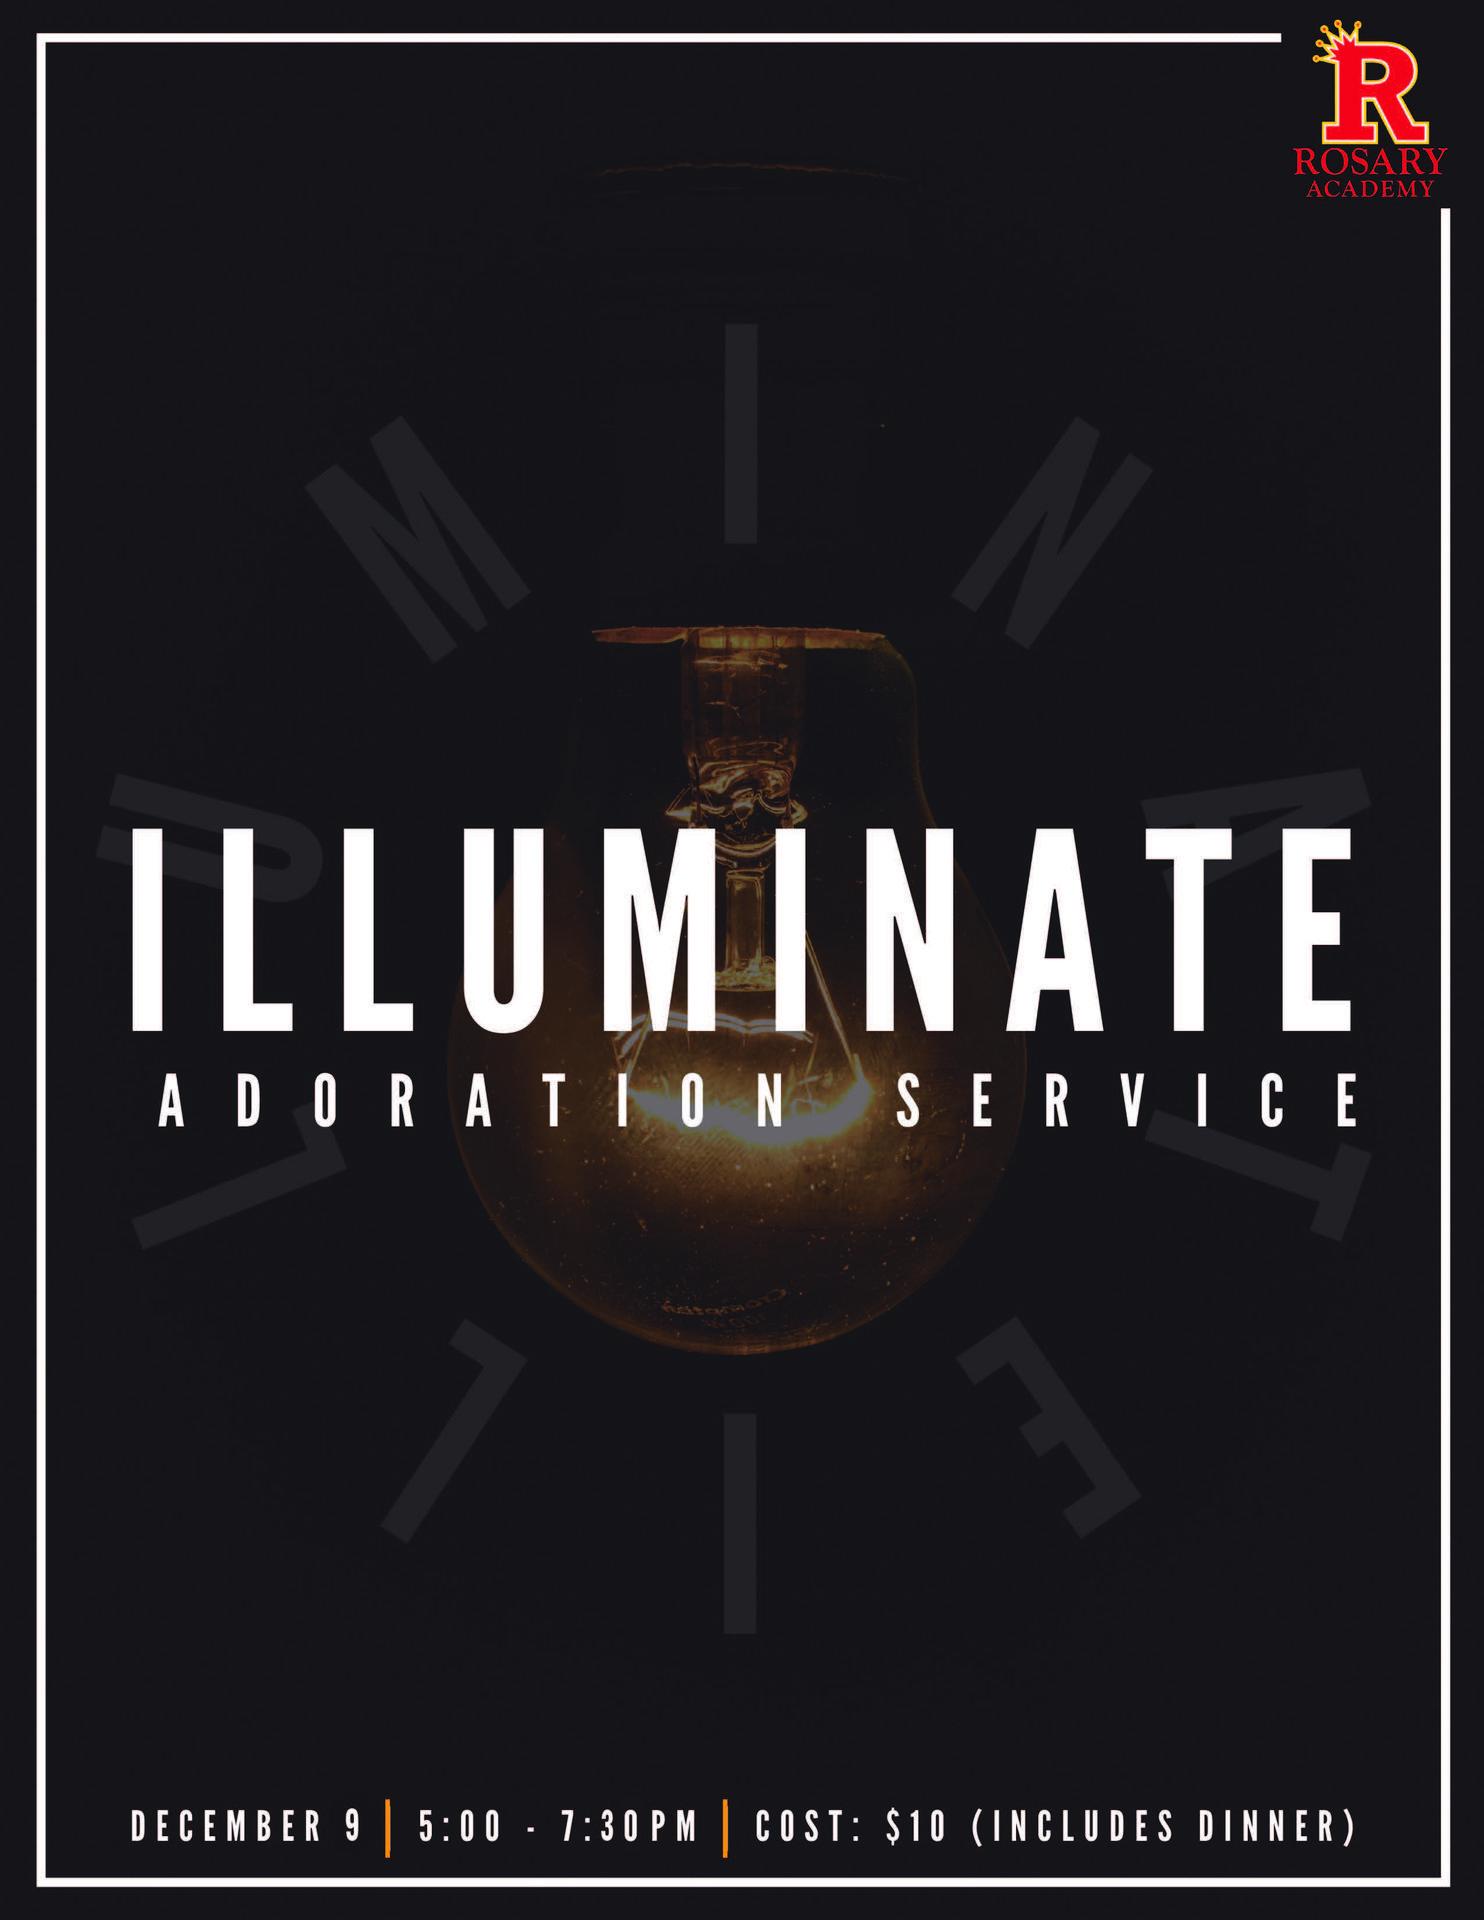 Illuminate Adoration Service